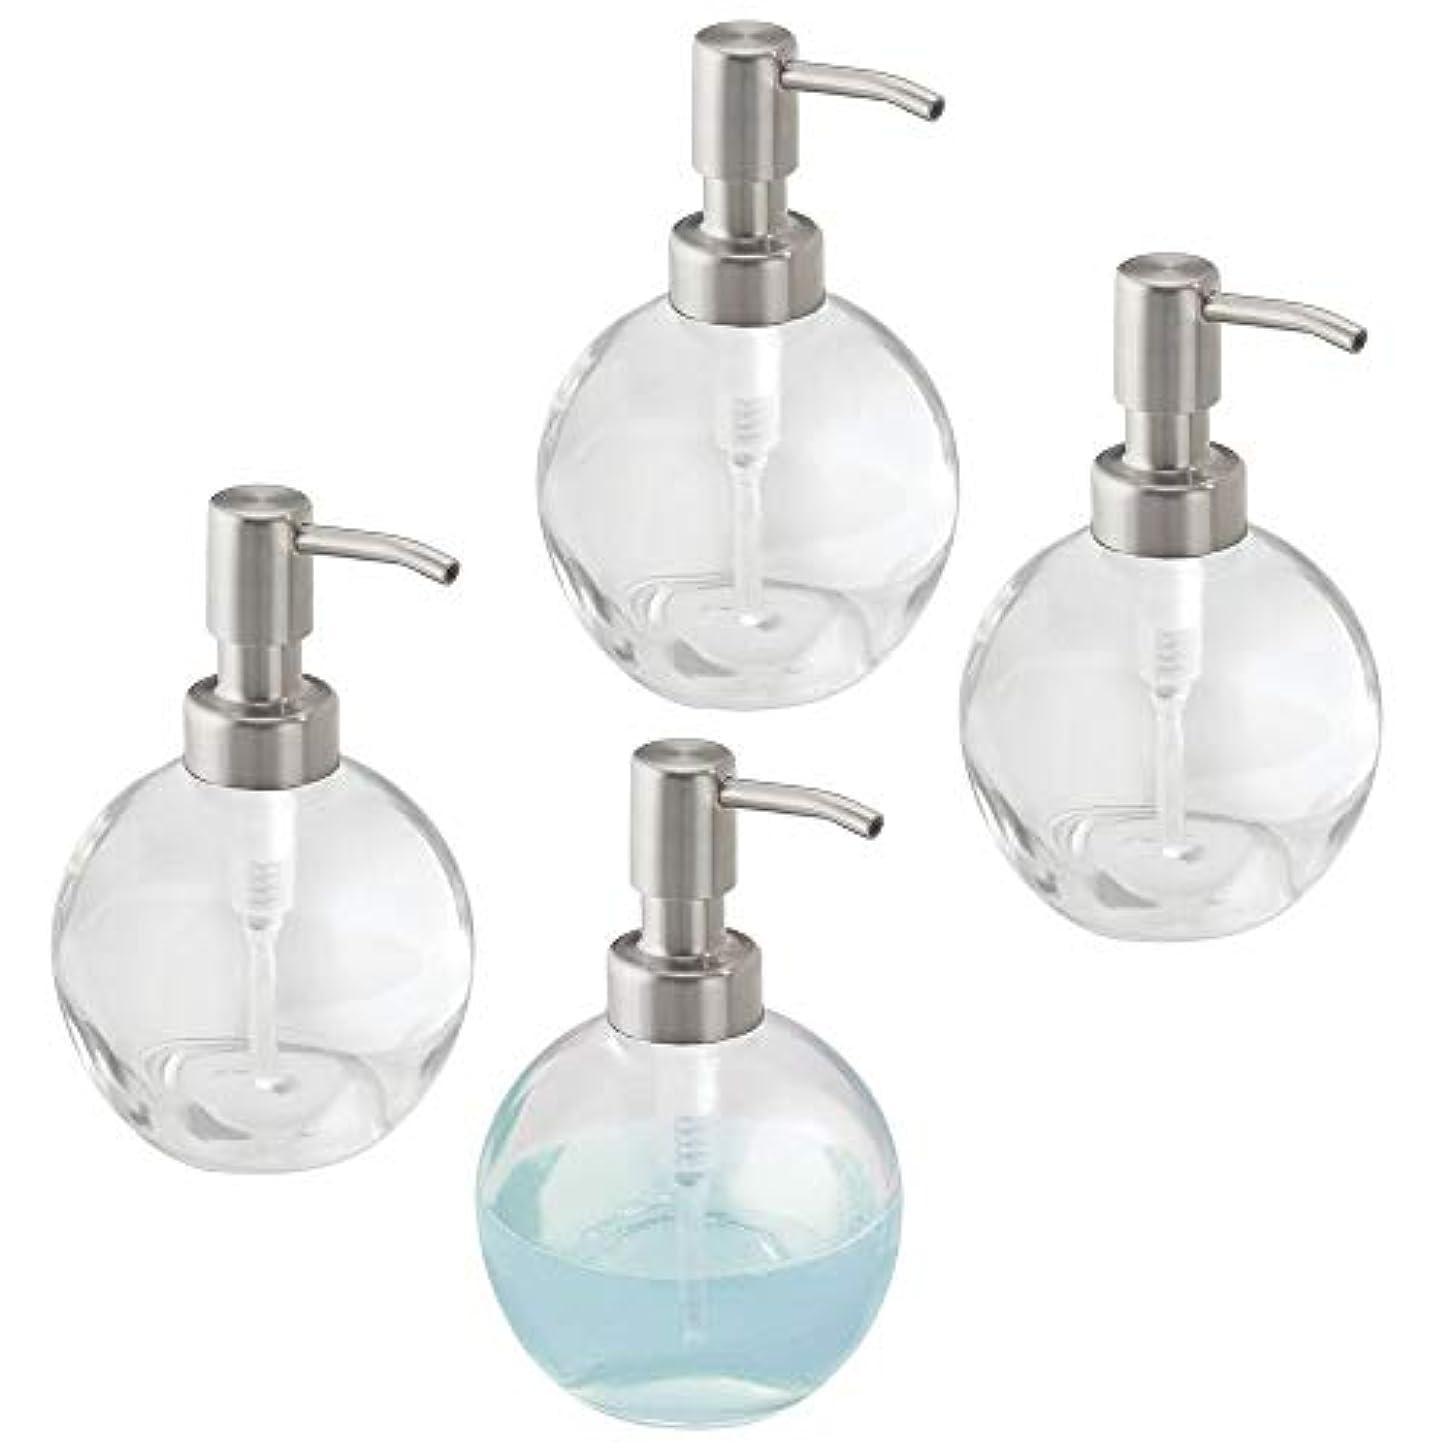 落ち込んでいる雪の促すmDesign Liquid Hand Soapガラスディスペンサーポンプボトルのキッチン、バスルーム|もCan Be Used For Hand Lotion & Essential Oils – 4のパック、ラウンド...